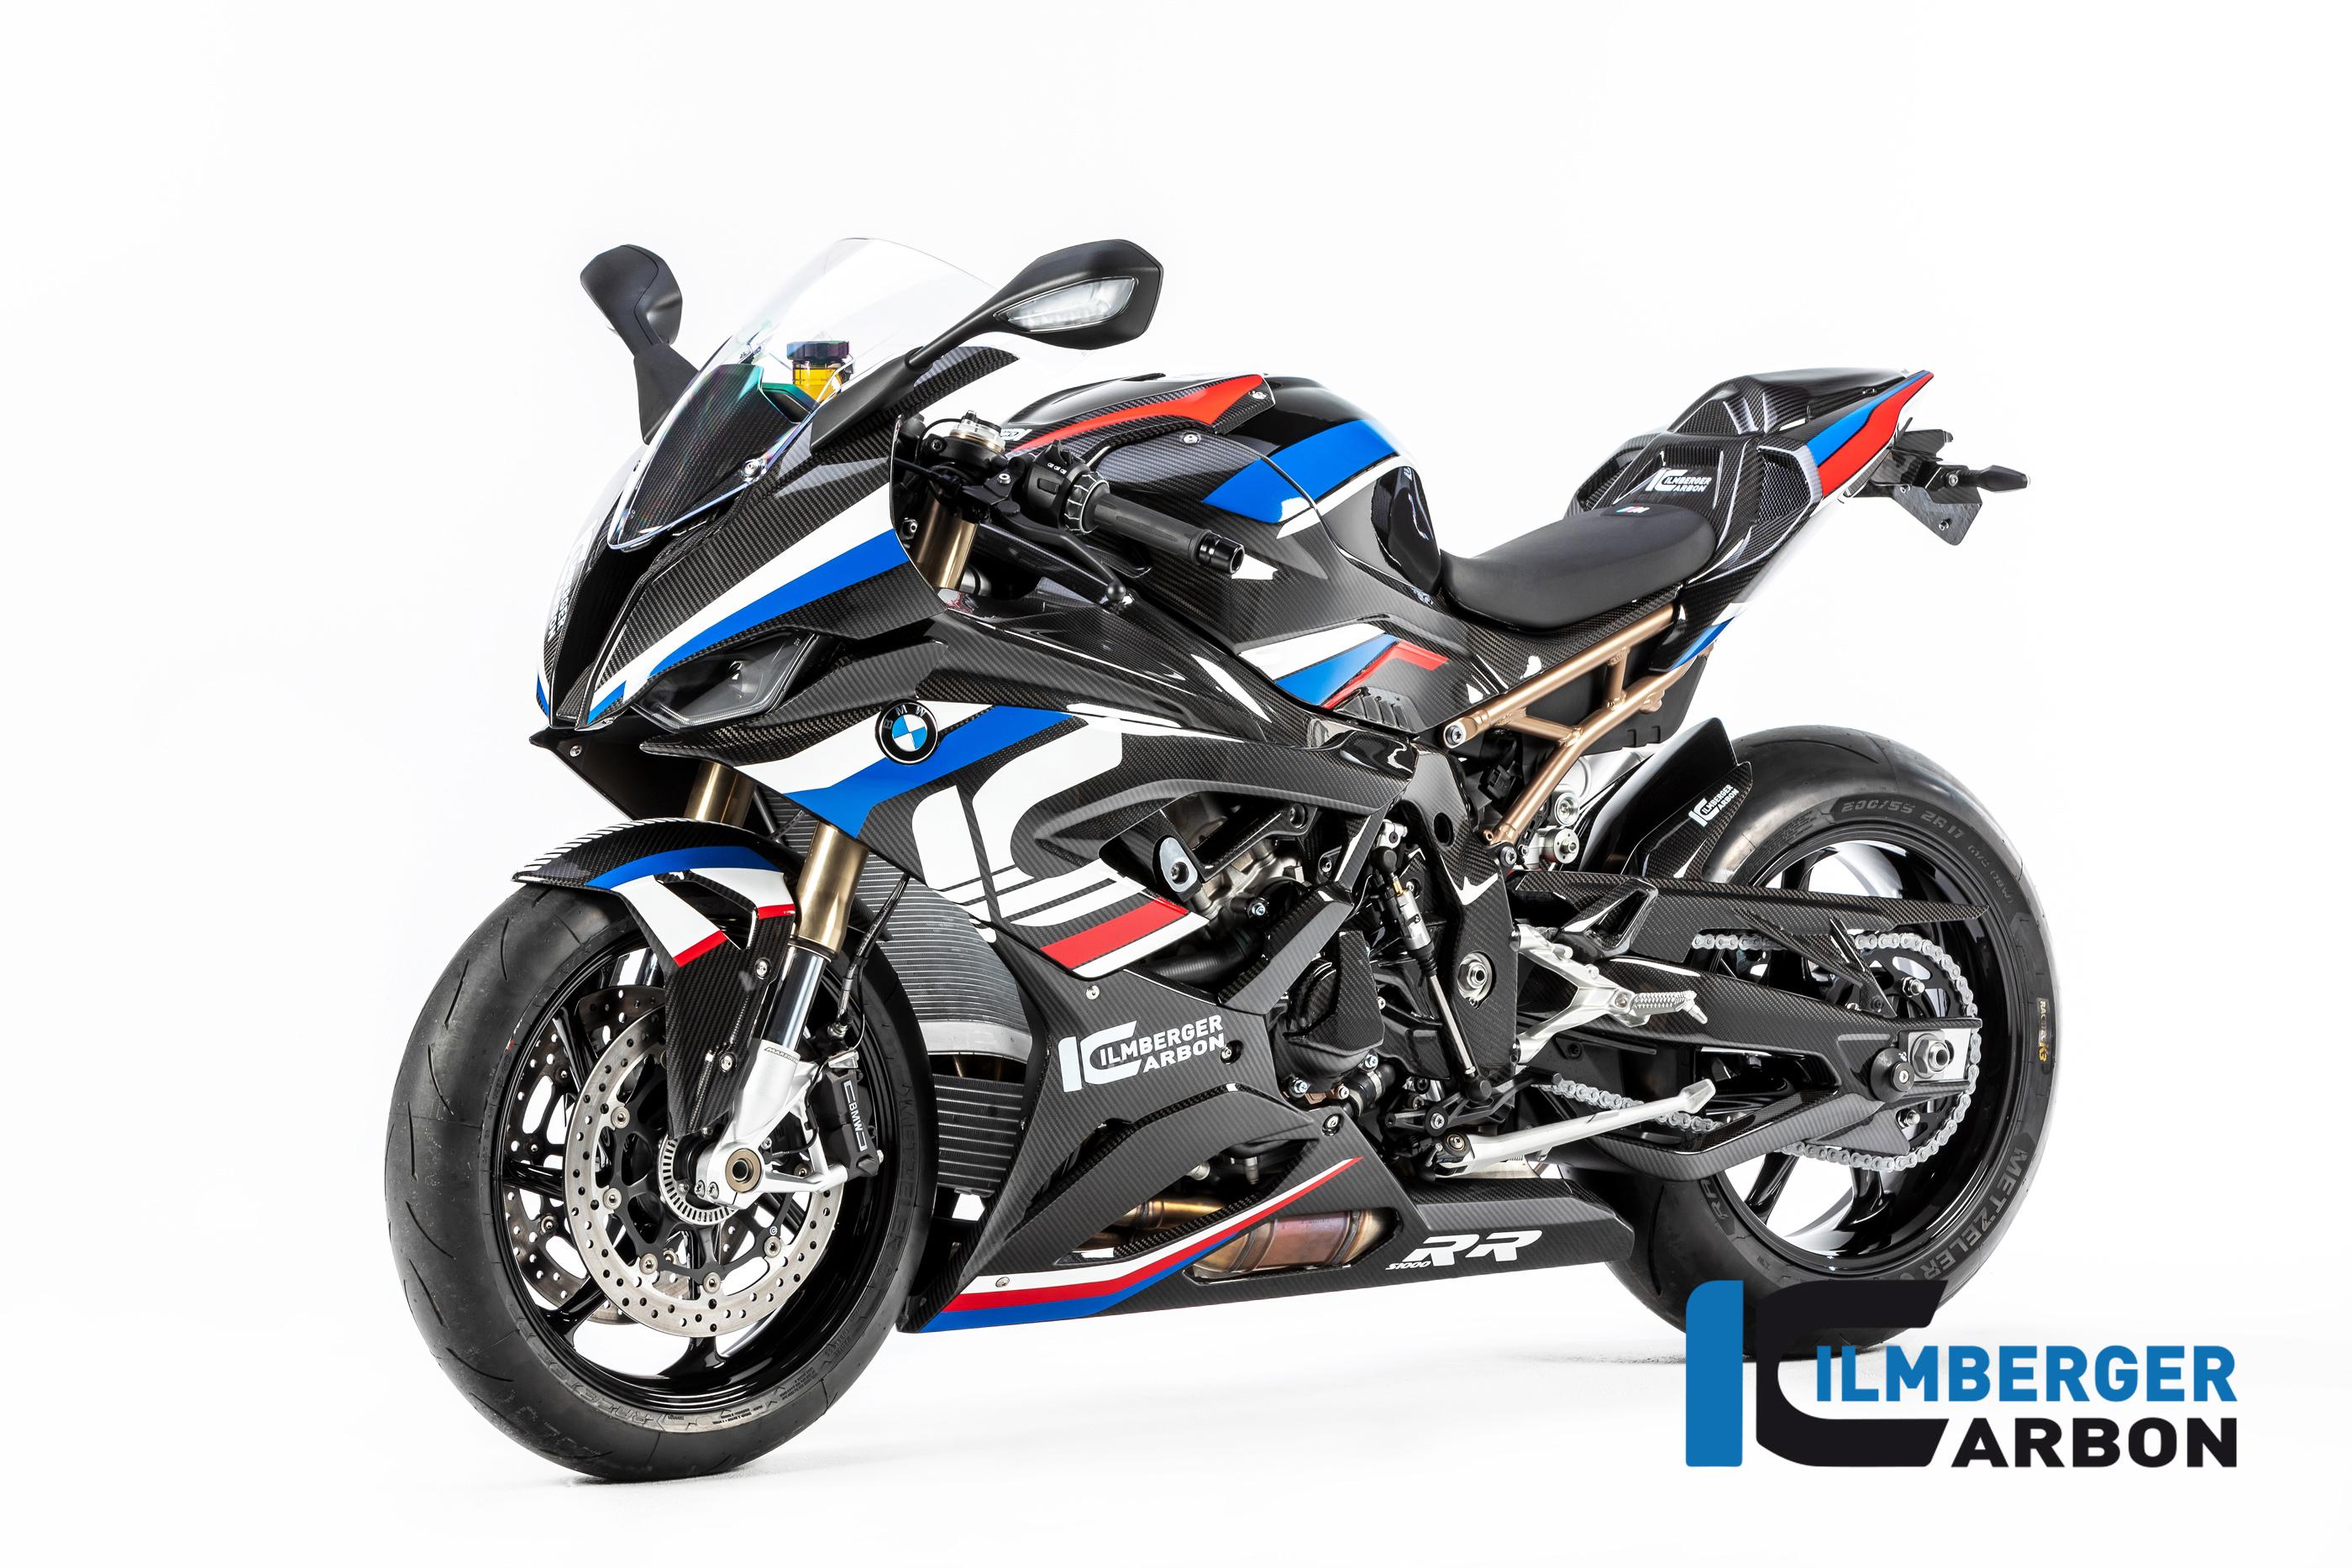 2020 Bmw S1000rr Carbon Fiber